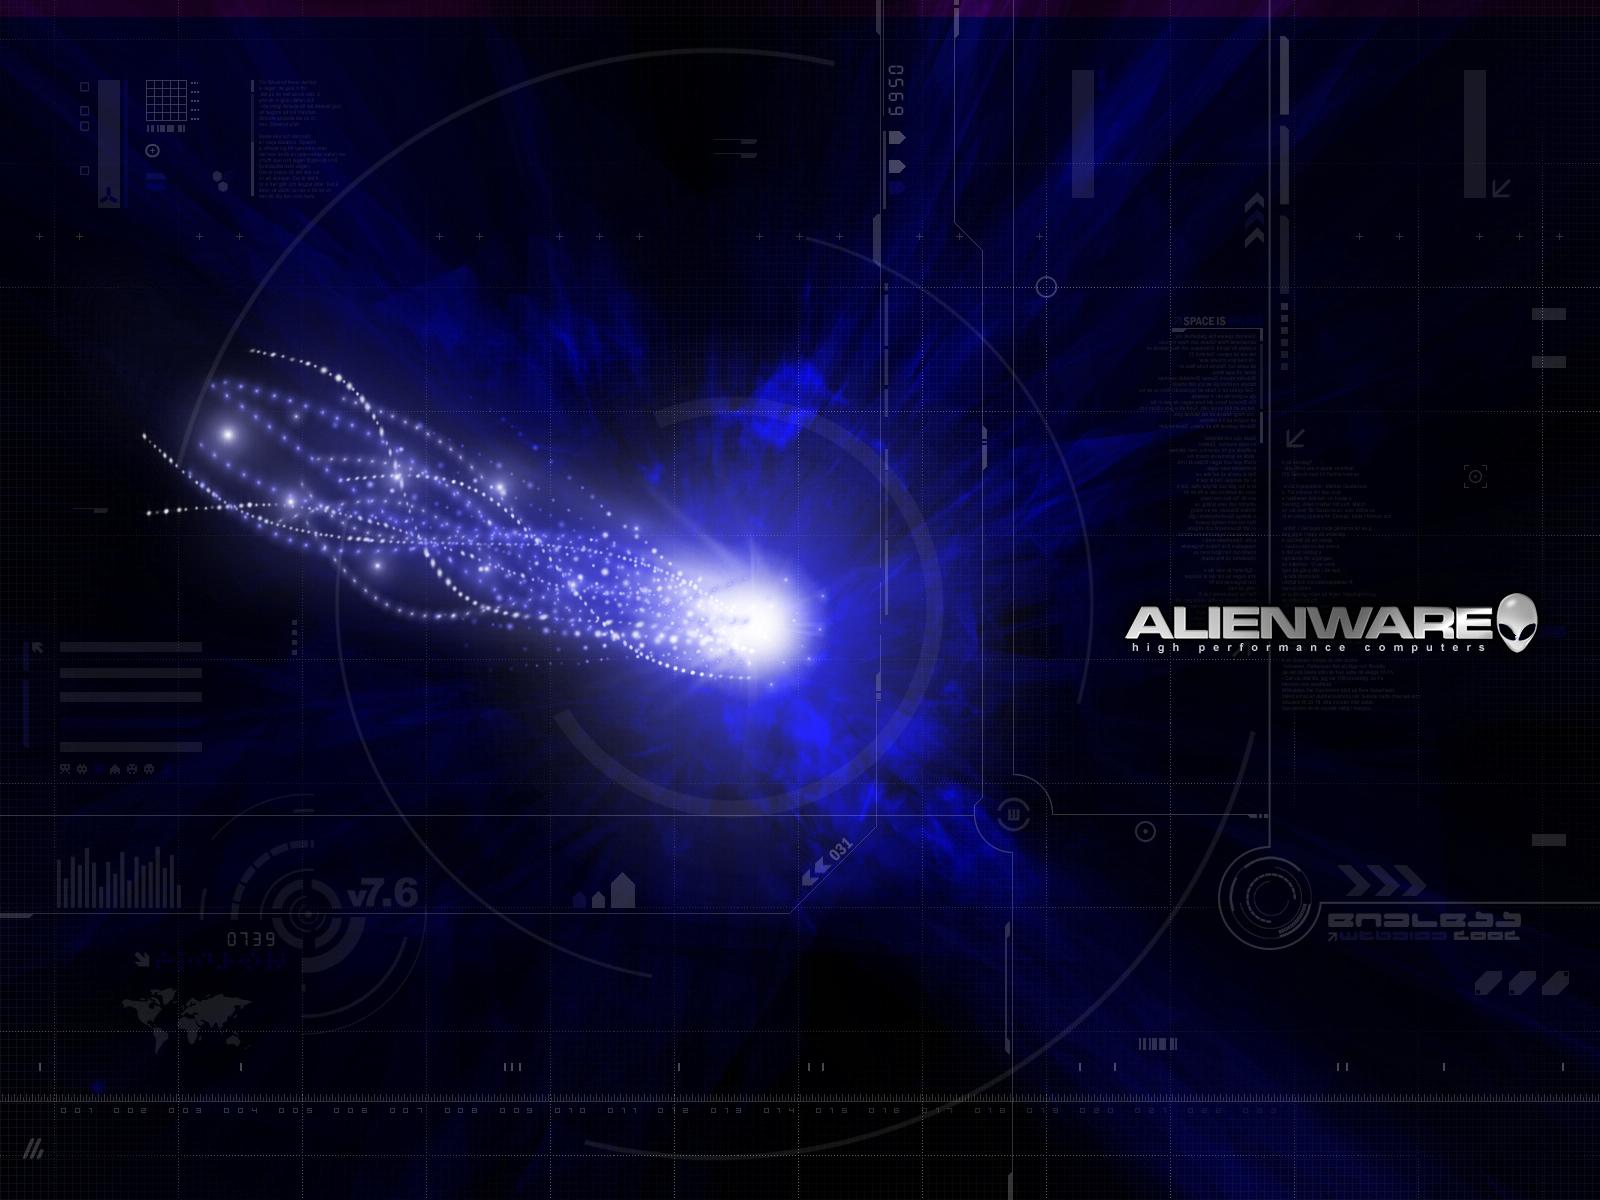 alienware galaxy space memories - photo #15